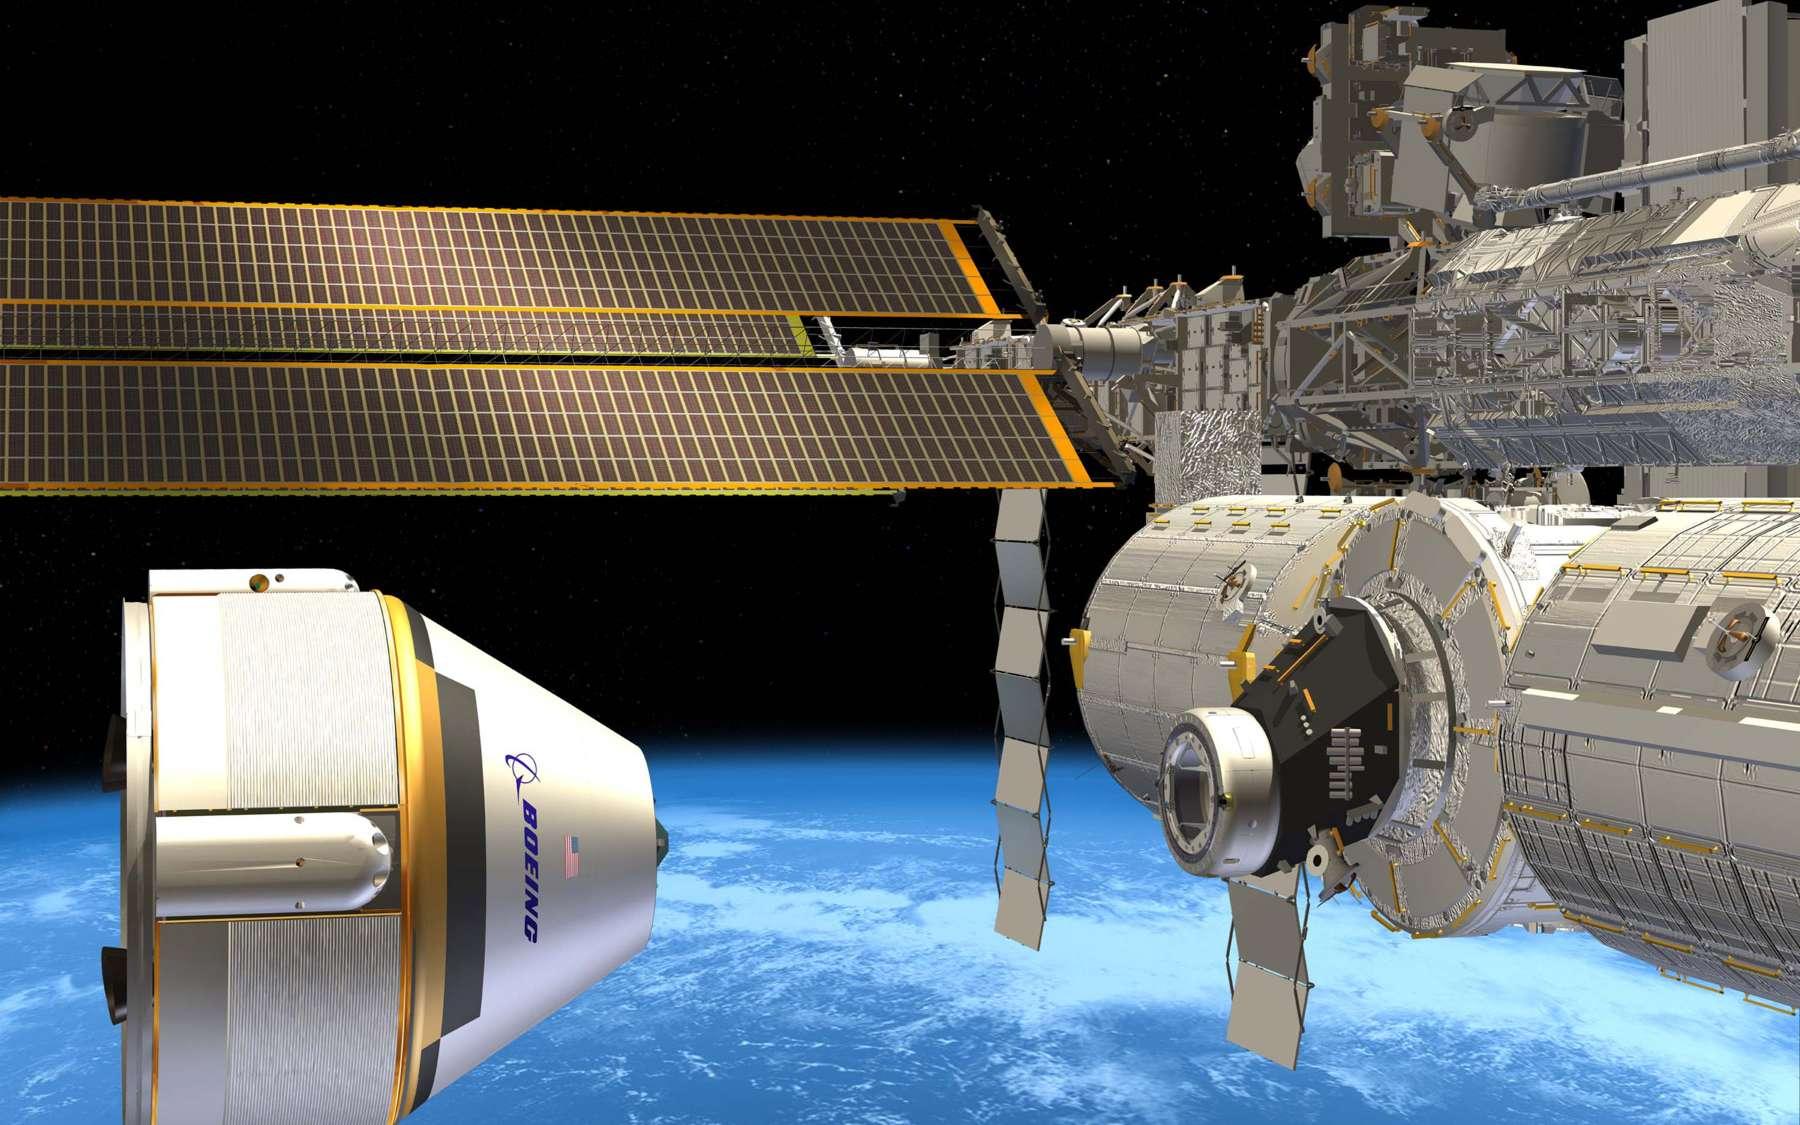 La capsule CST-100 de Boeing est conçue pour transporter jusqu'à sept astronautes. Elle devrait débuter son service commercial à destination de l'ISS à la fin de l'année 2018. © Boeing